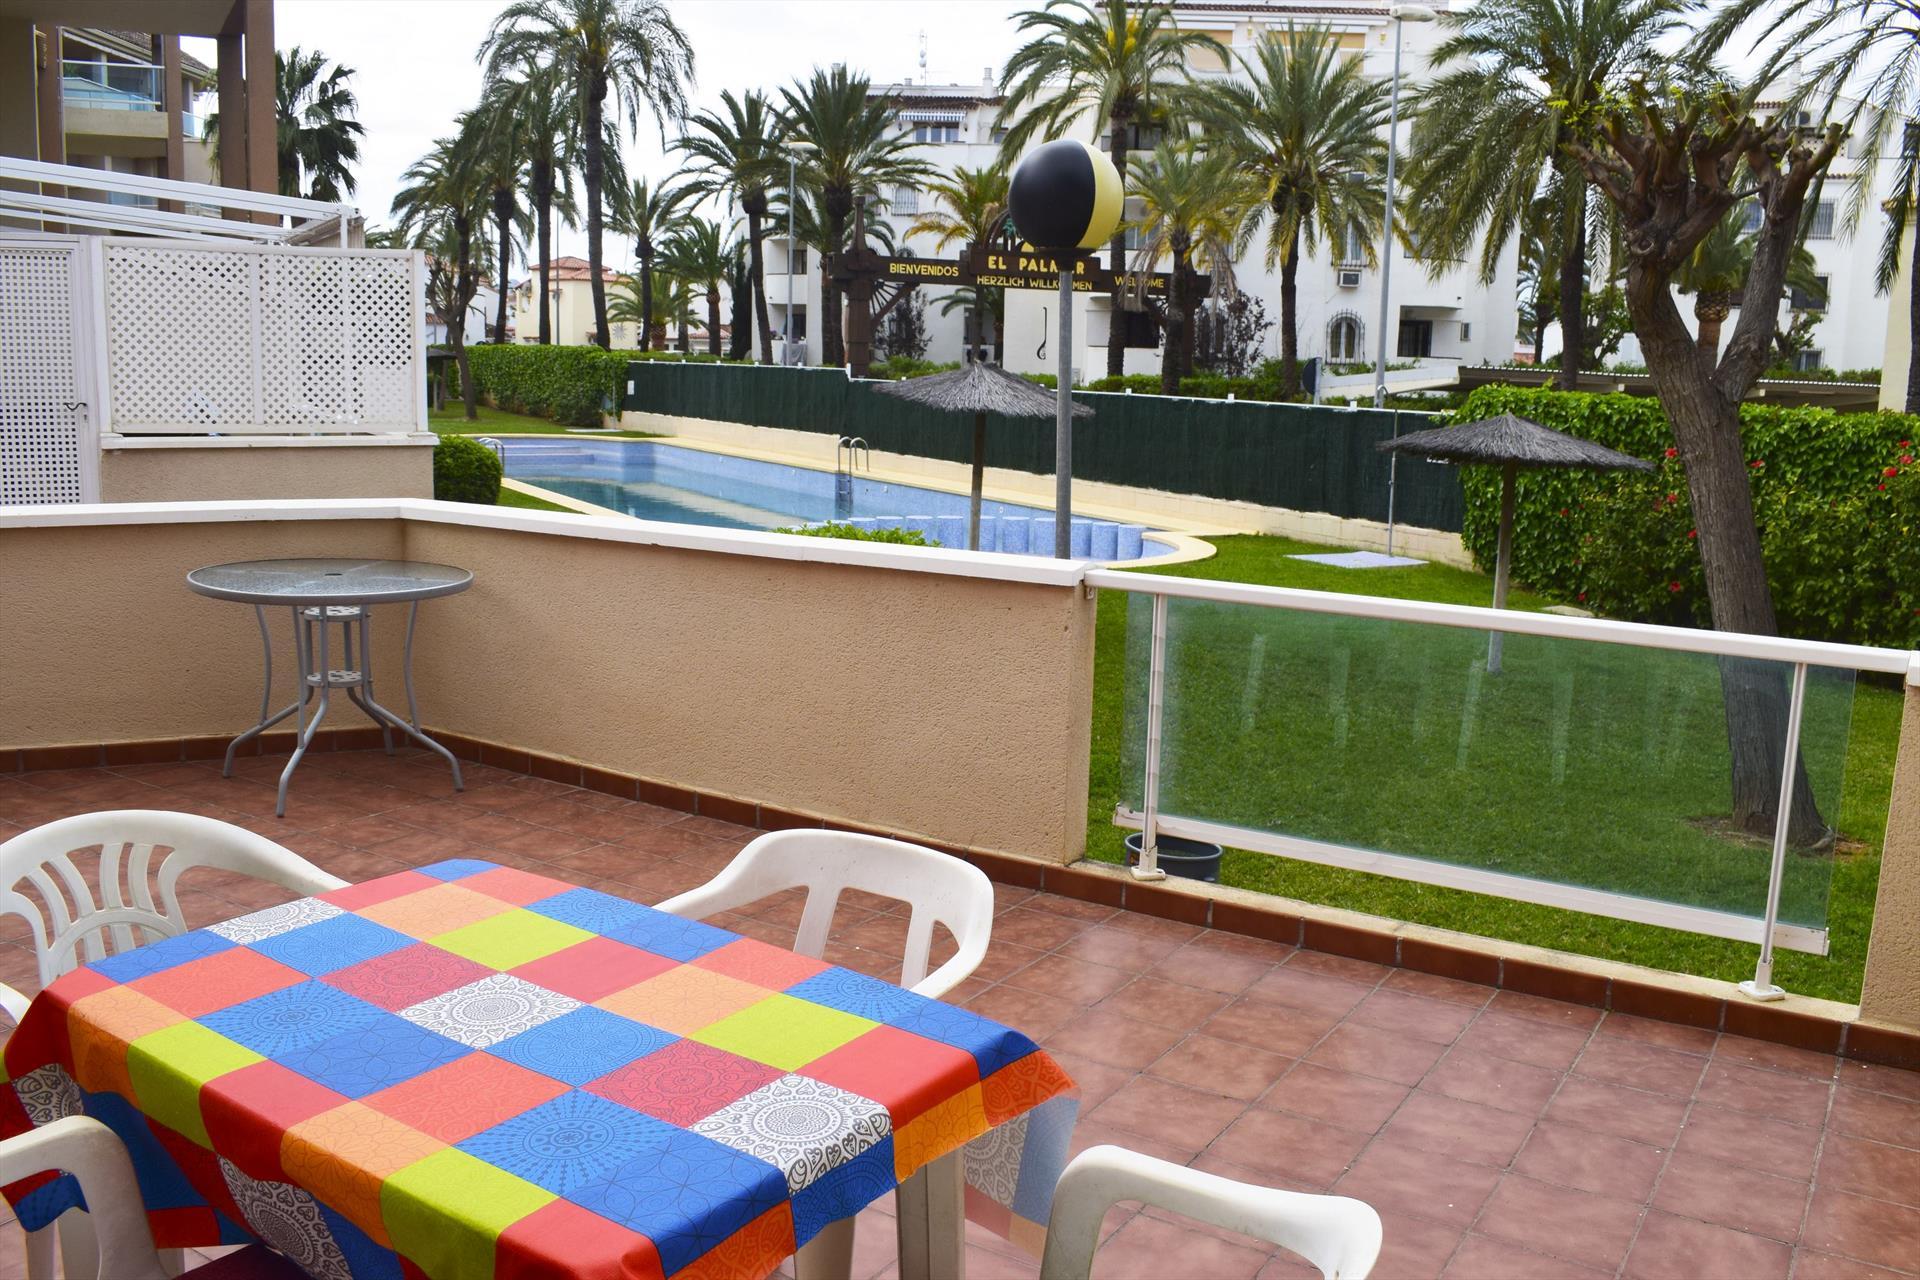 Puerta del Palmar Les Marines PB2204,Appartement merveilleux et intime à Denia, sur la Costa Blanca, Espagne  avec piscine communale pour 6 personnes.....